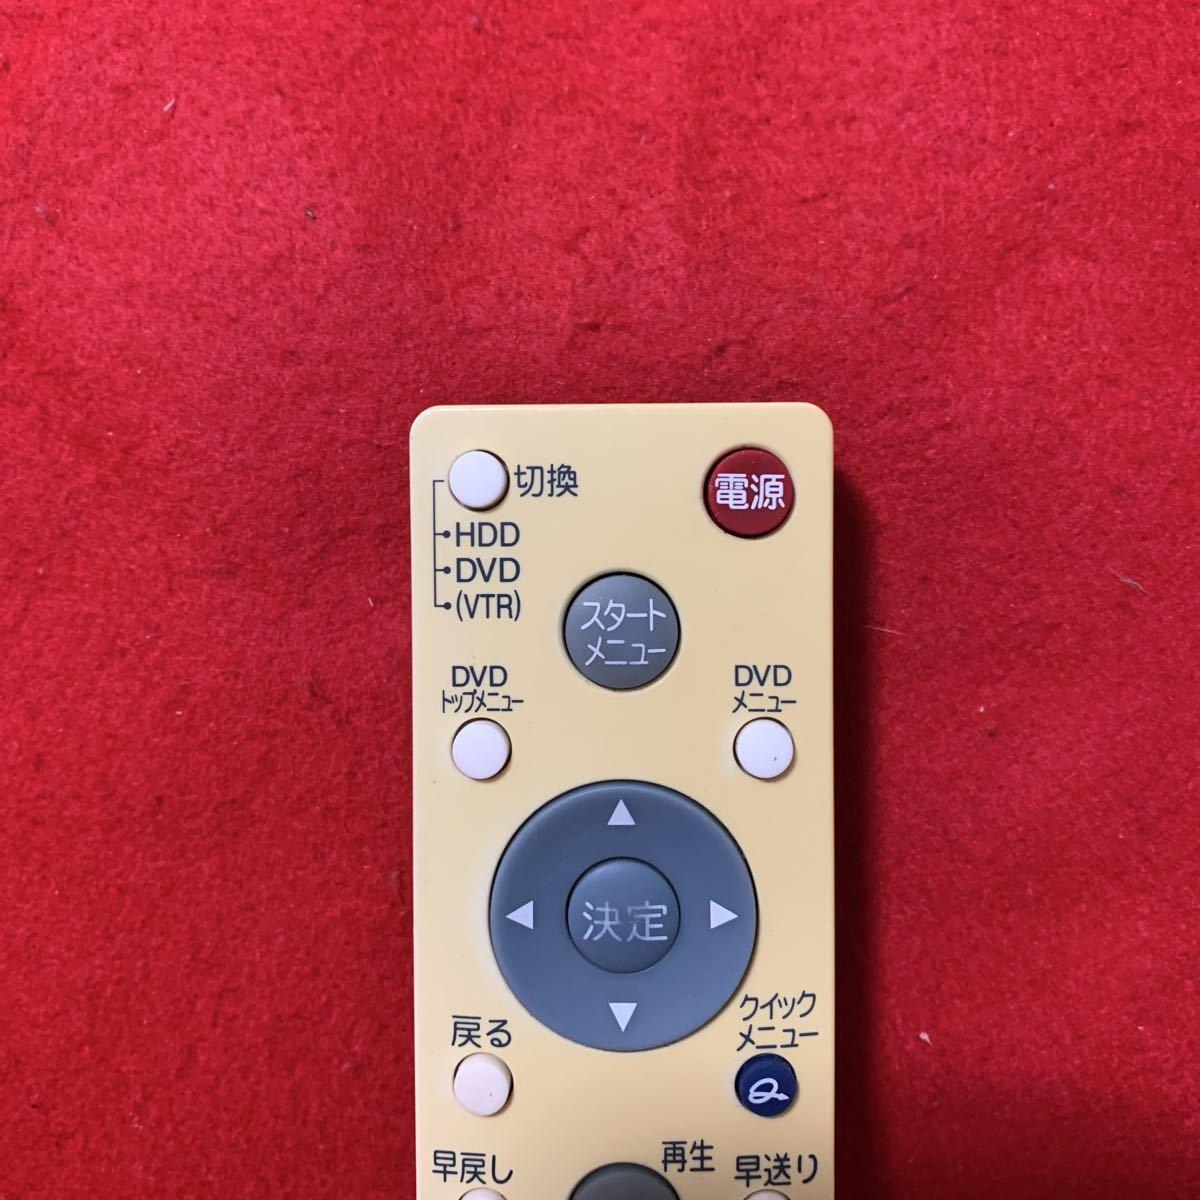 【即決】☆や-2316☆◆ジャンク/返品不可◆TOSHIBA/SE-R0253(RD-W301/RD-W300/RD-S601/RD-S600 等用)テレビ リモコン[動作確認なし]_画像2